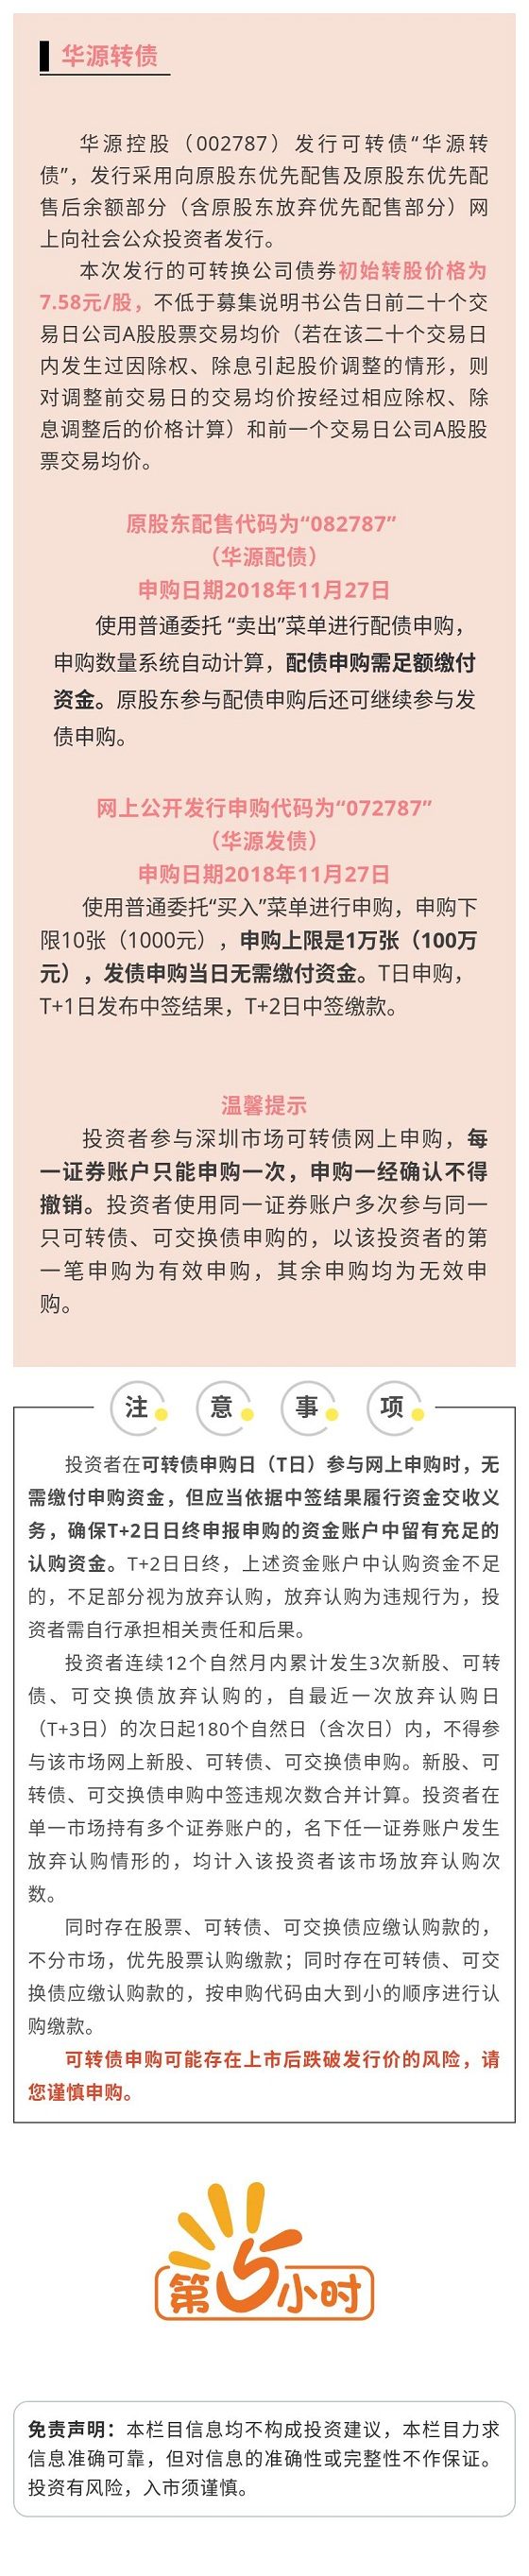 【新债申购】华源控股(002787)公开发行可转换公司债.jpg